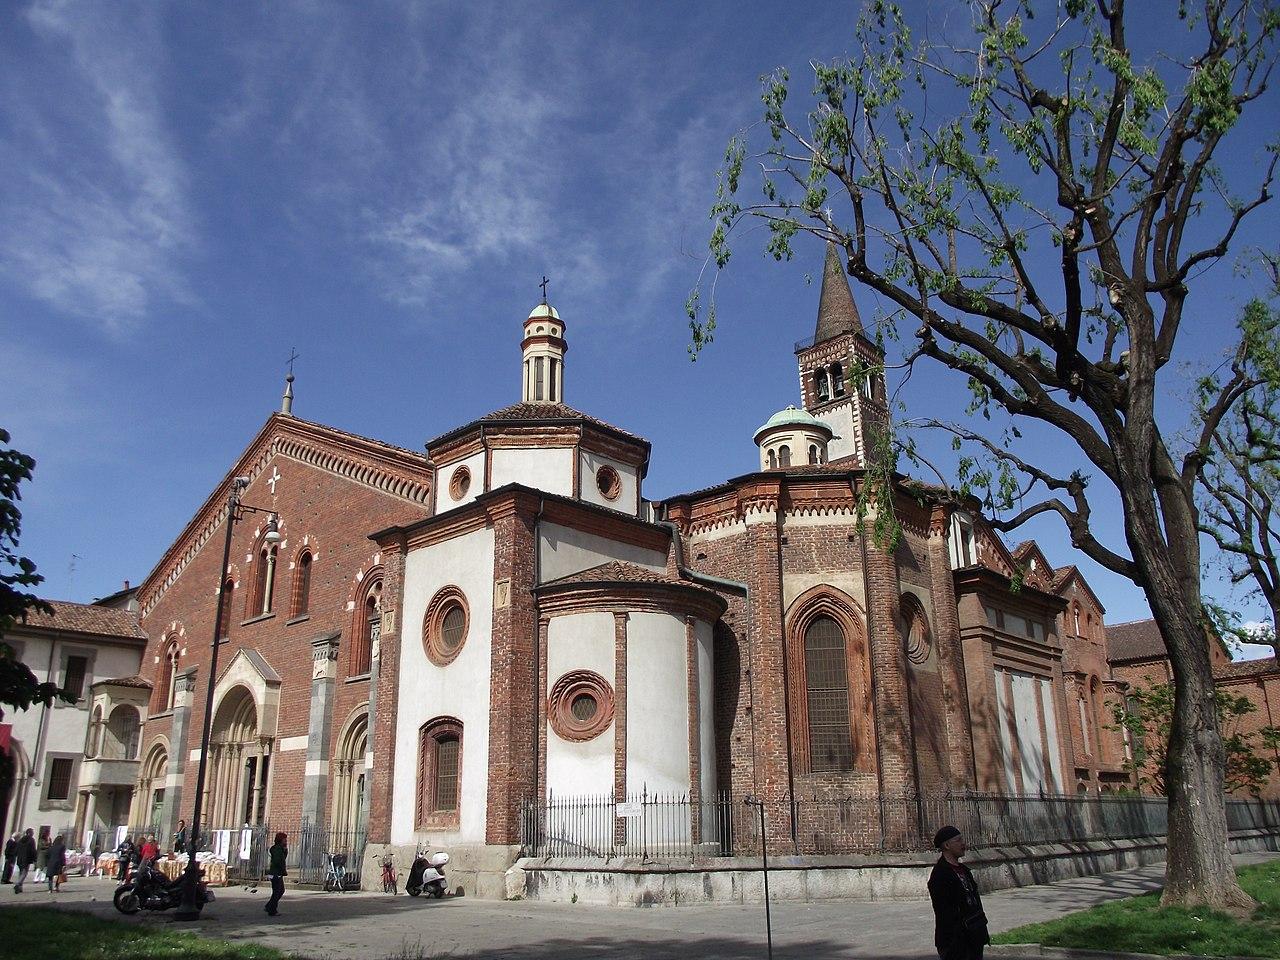 Sant Eustorgio - foto di Parsifall